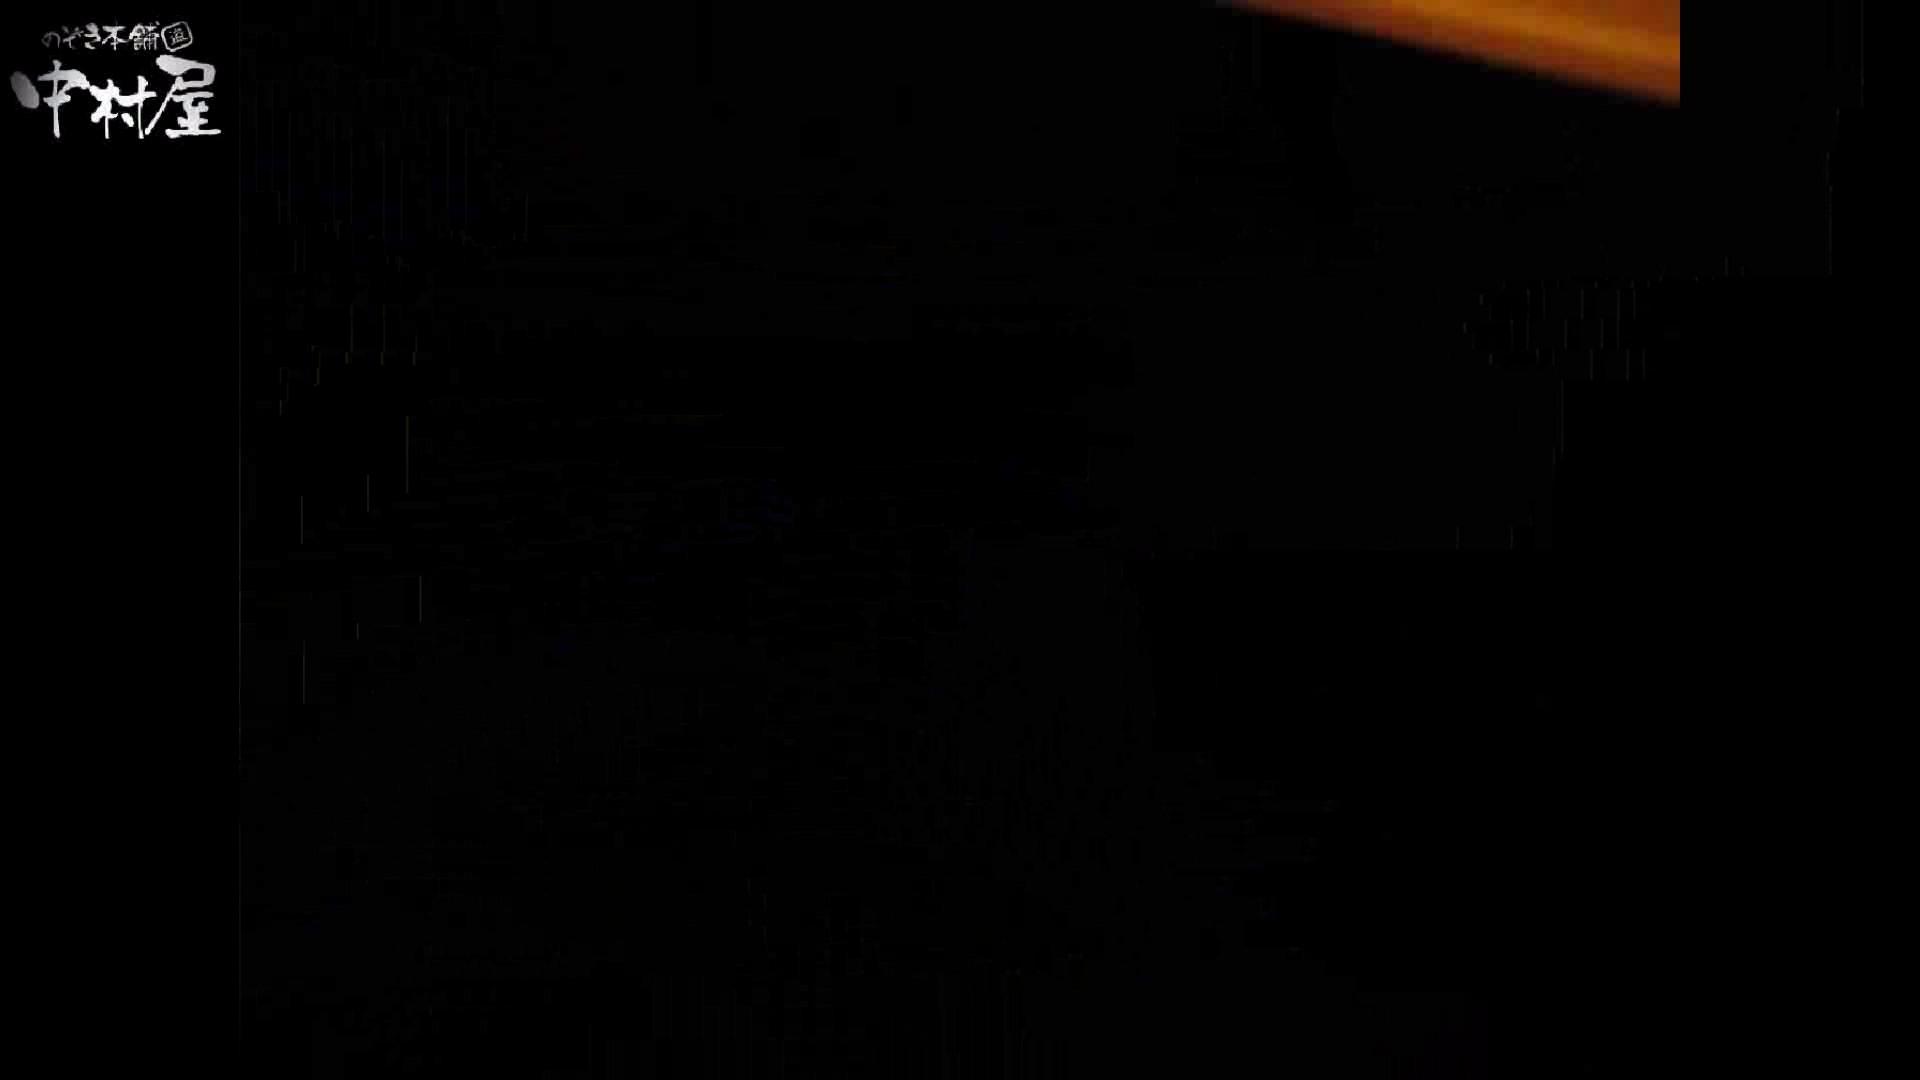 民家風呂専門盗撮師の超危険映像 vol.008 美少女  97Pix 41